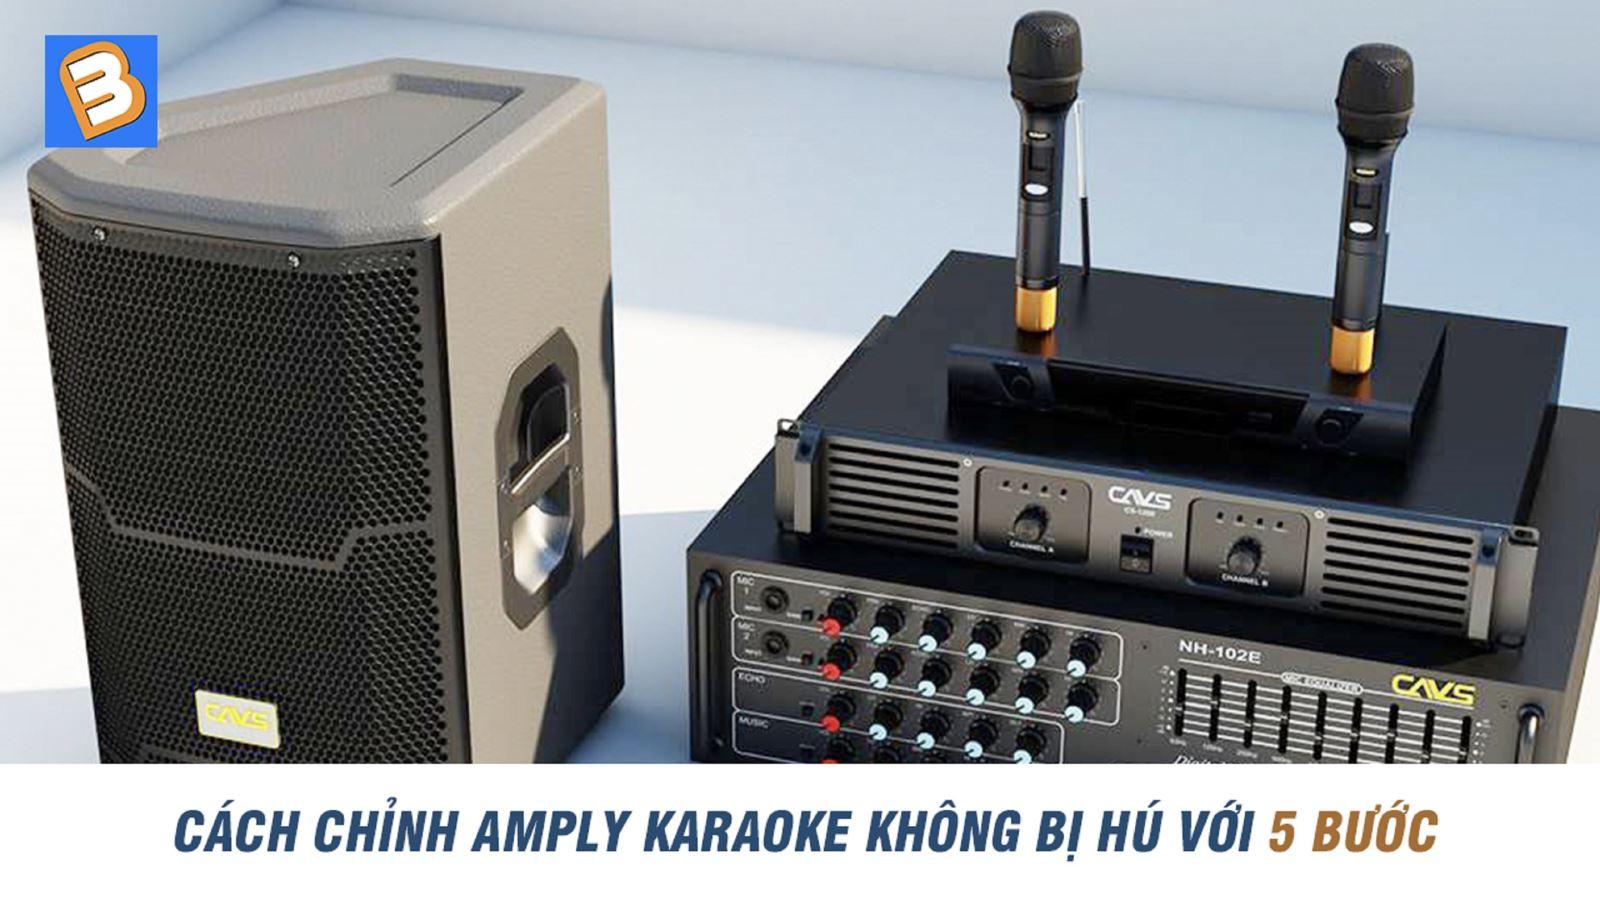 Cách chỉnh amply karaoke không bị hú với 5 bước